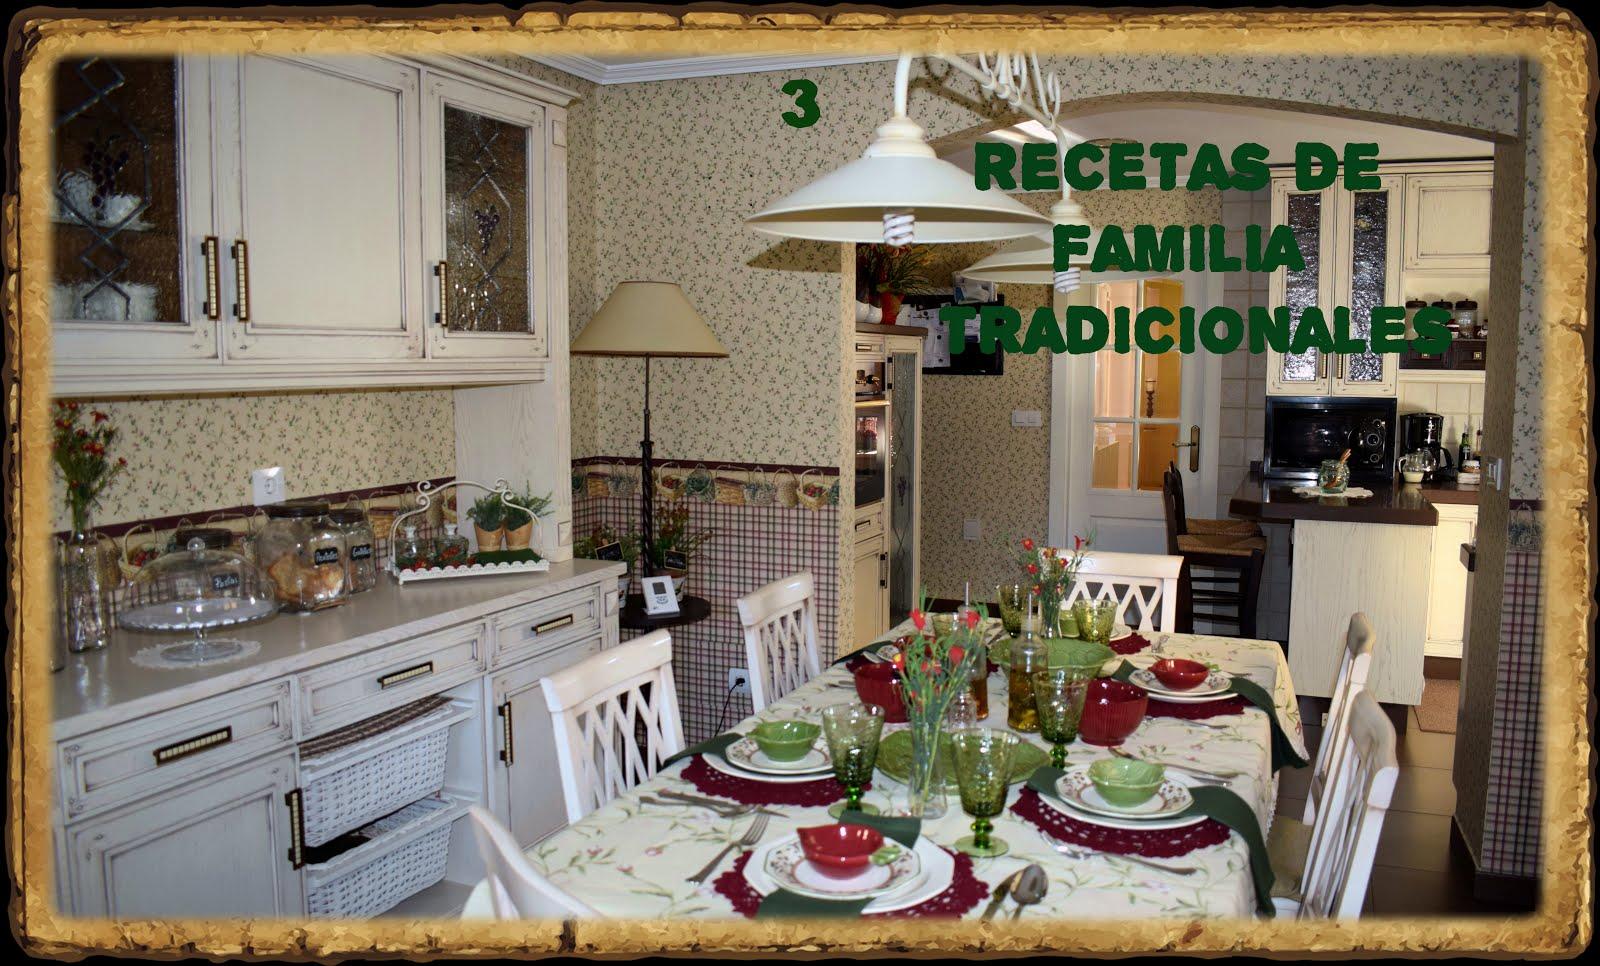 FOTOLIBRO DE RECETAS 3